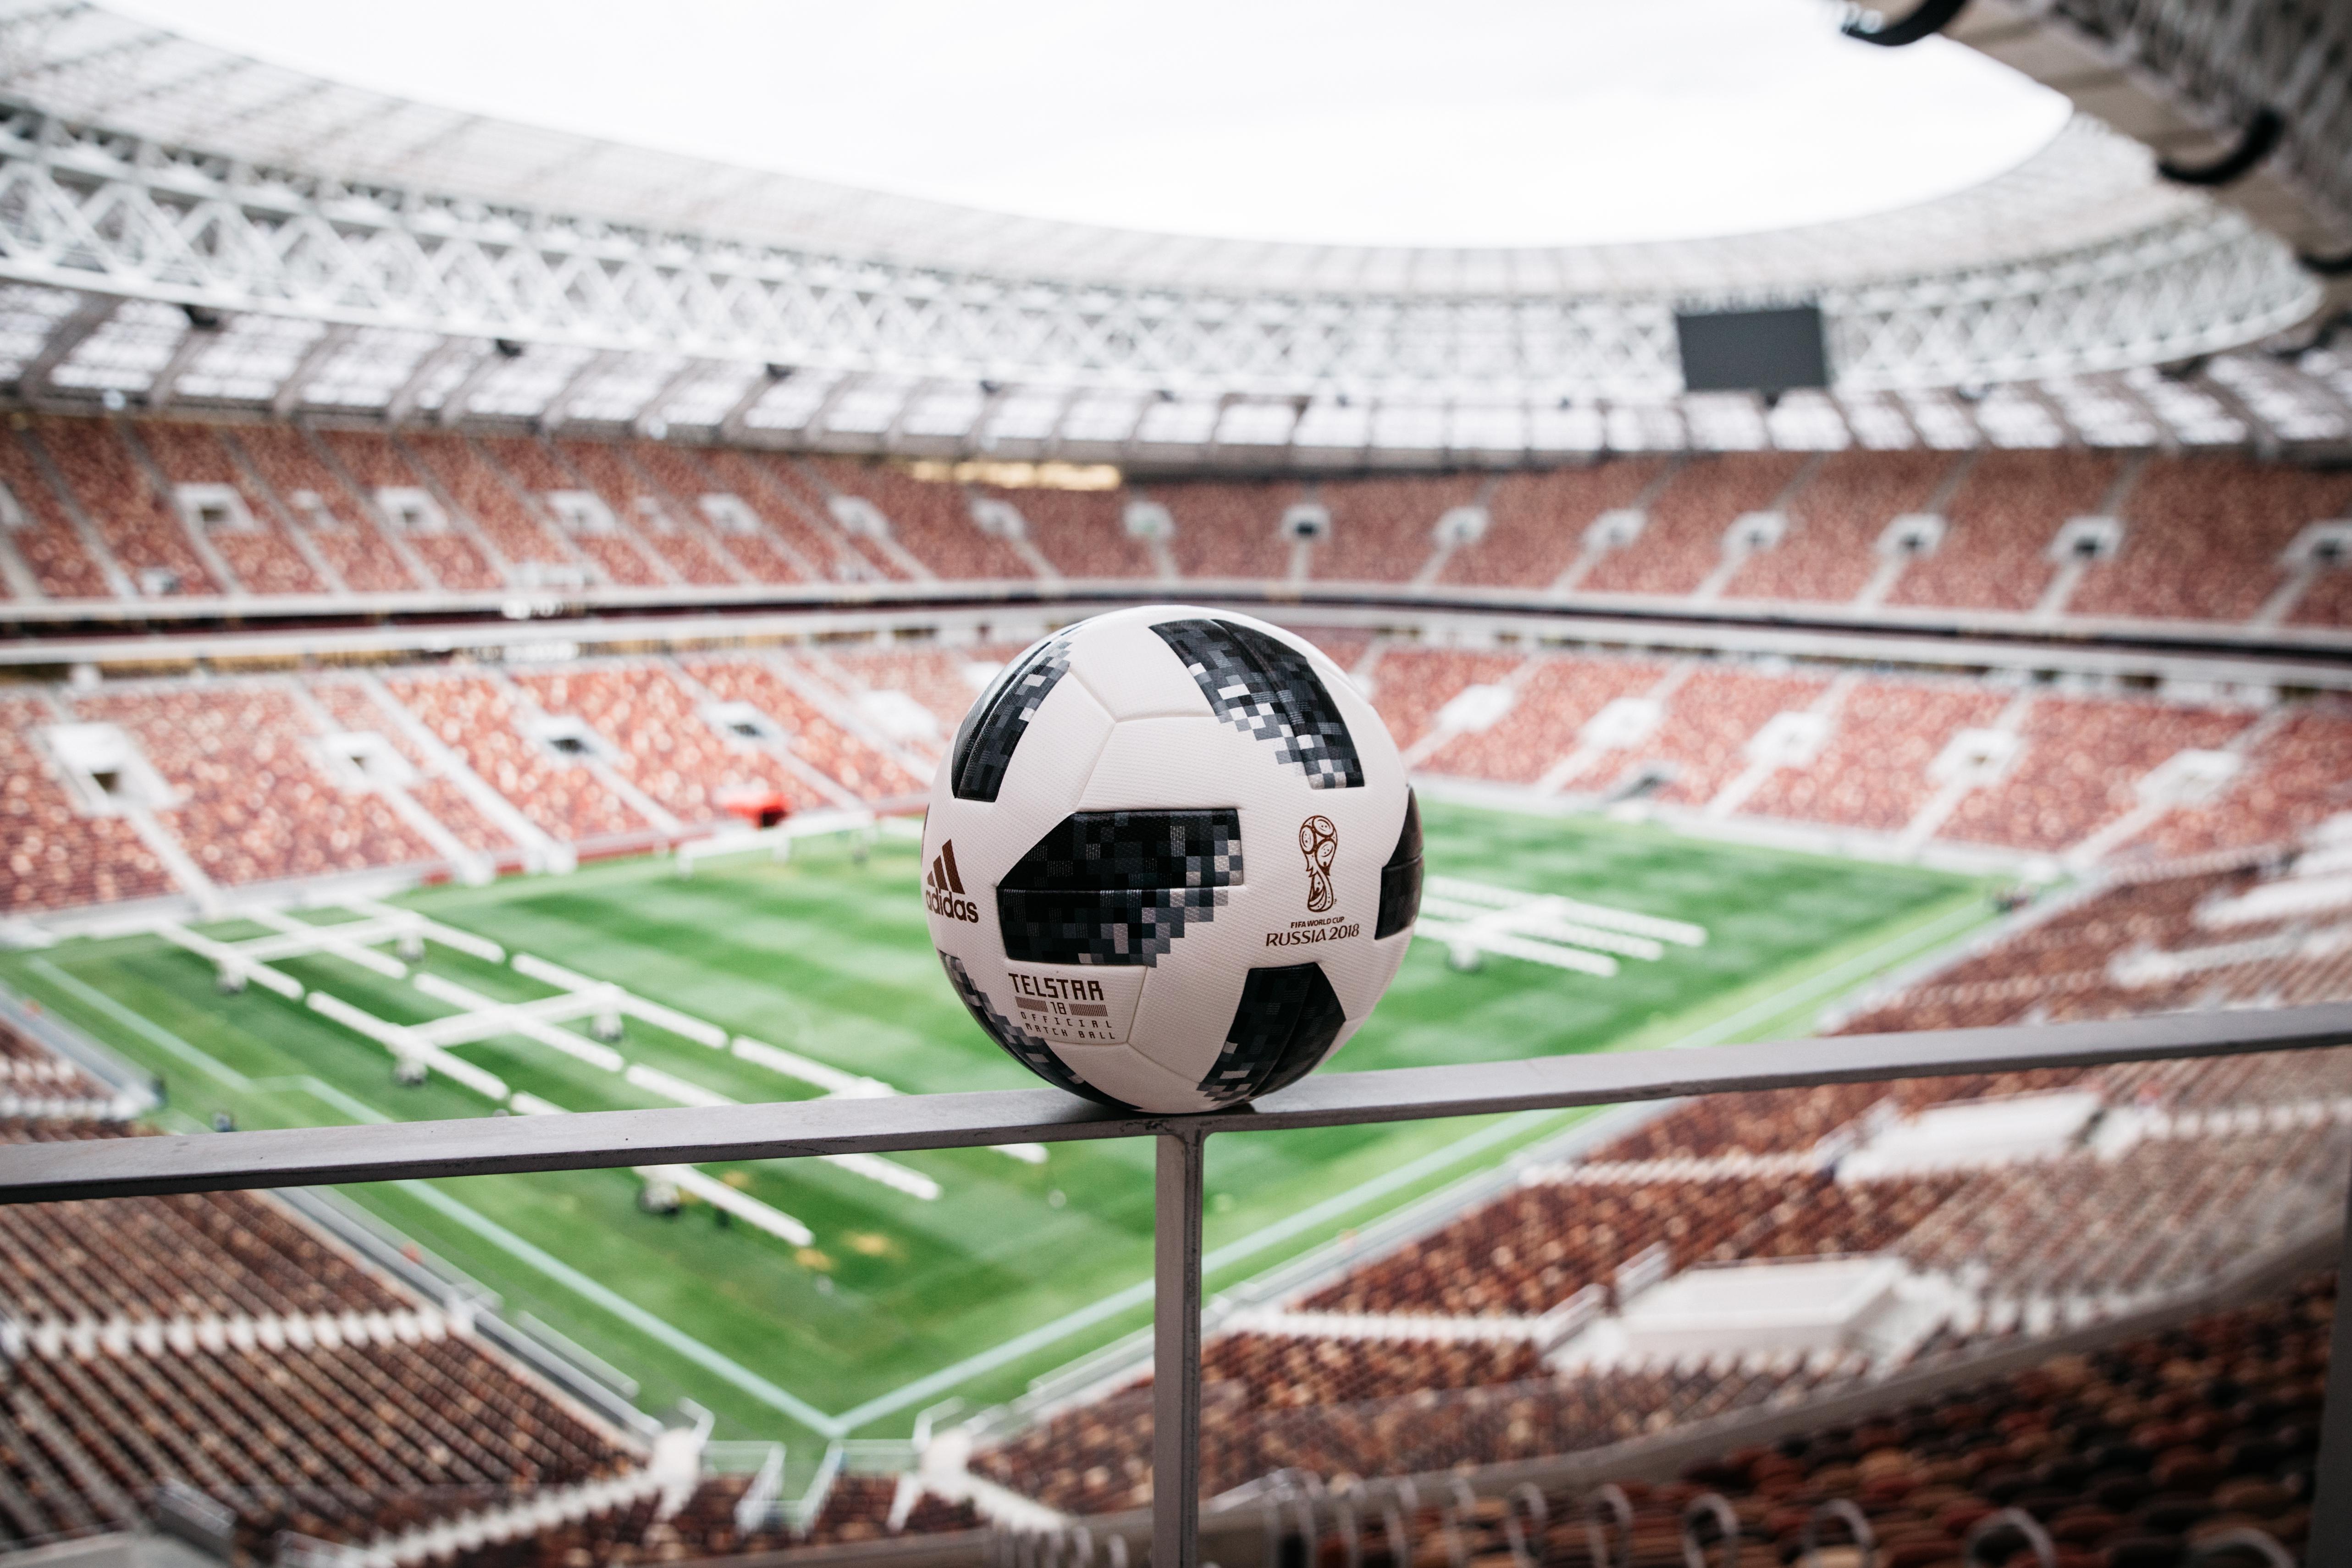 new product 74d1b 8d46e C est à Moscou qu adidas football a dévoilé aujourd hui le ballon officiel  de la Coupe du Monde de la FIFA, Russie 2018. En effet, l été prochain, ...